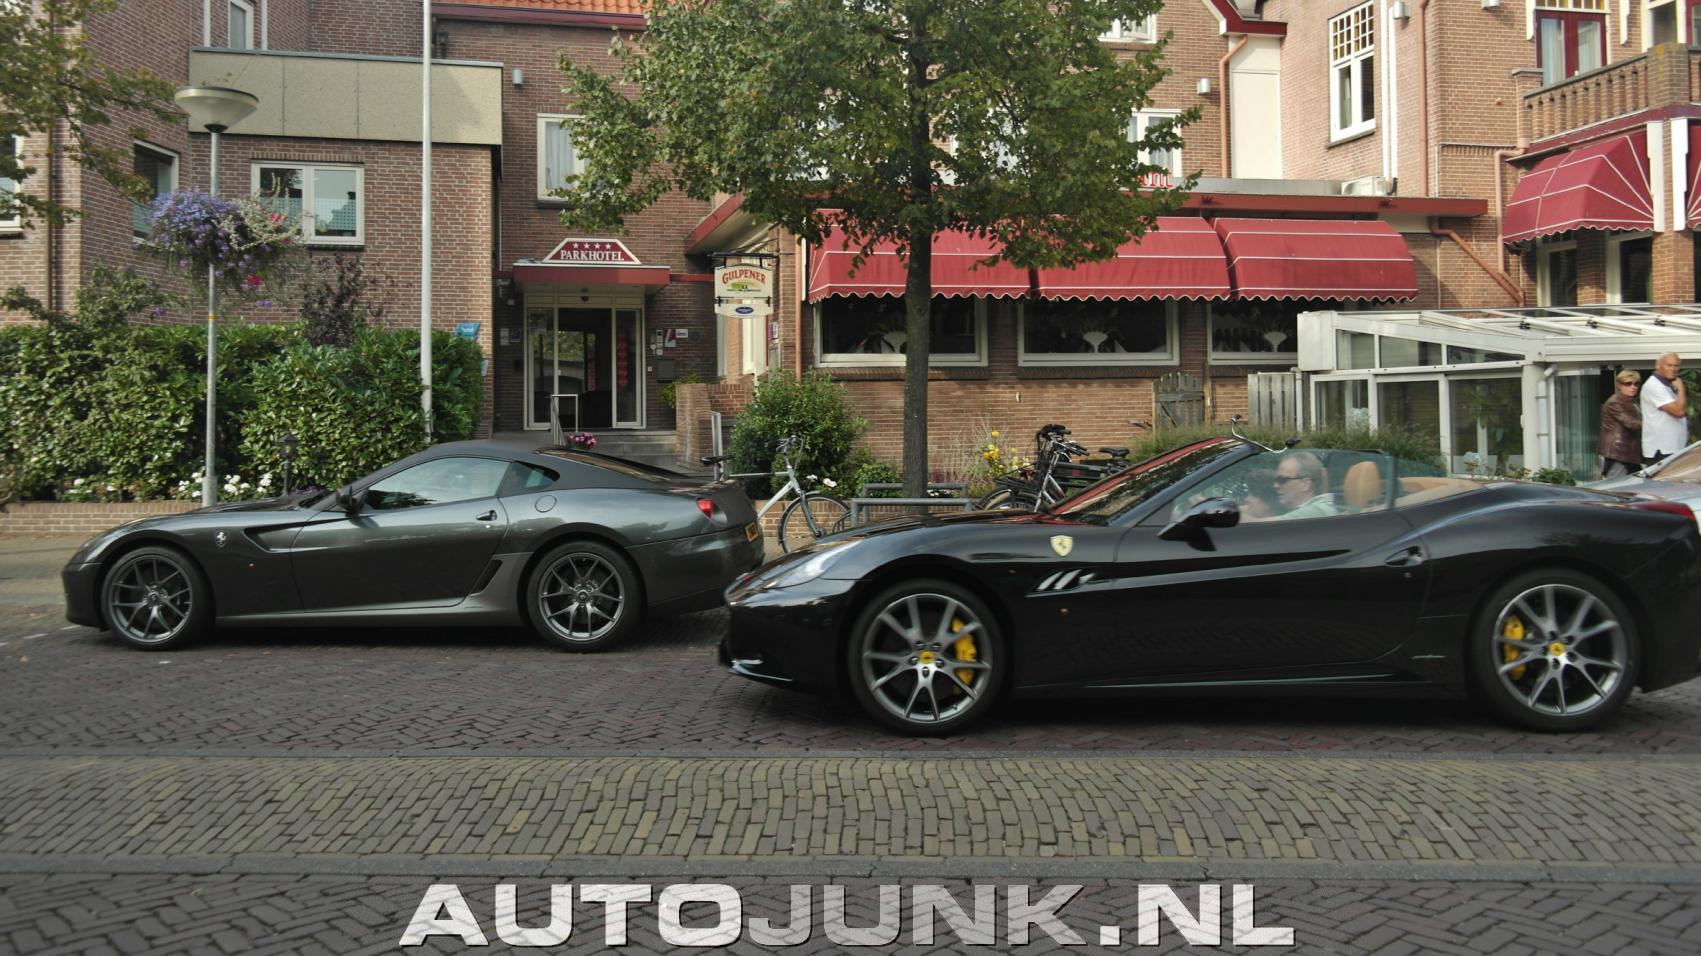 Ferrari California Zwart foto's » Autojunk.nl (132225)